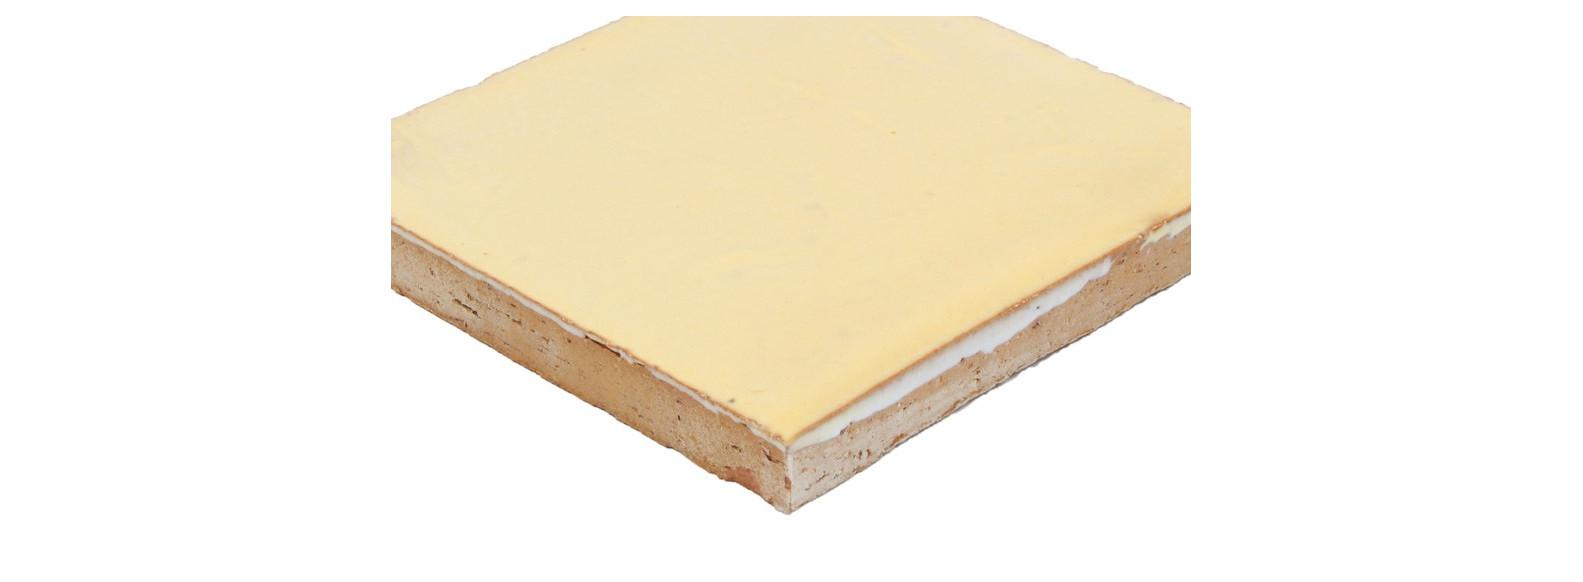 faiences unies du orange au jaune 10 5 x 10 5 cm